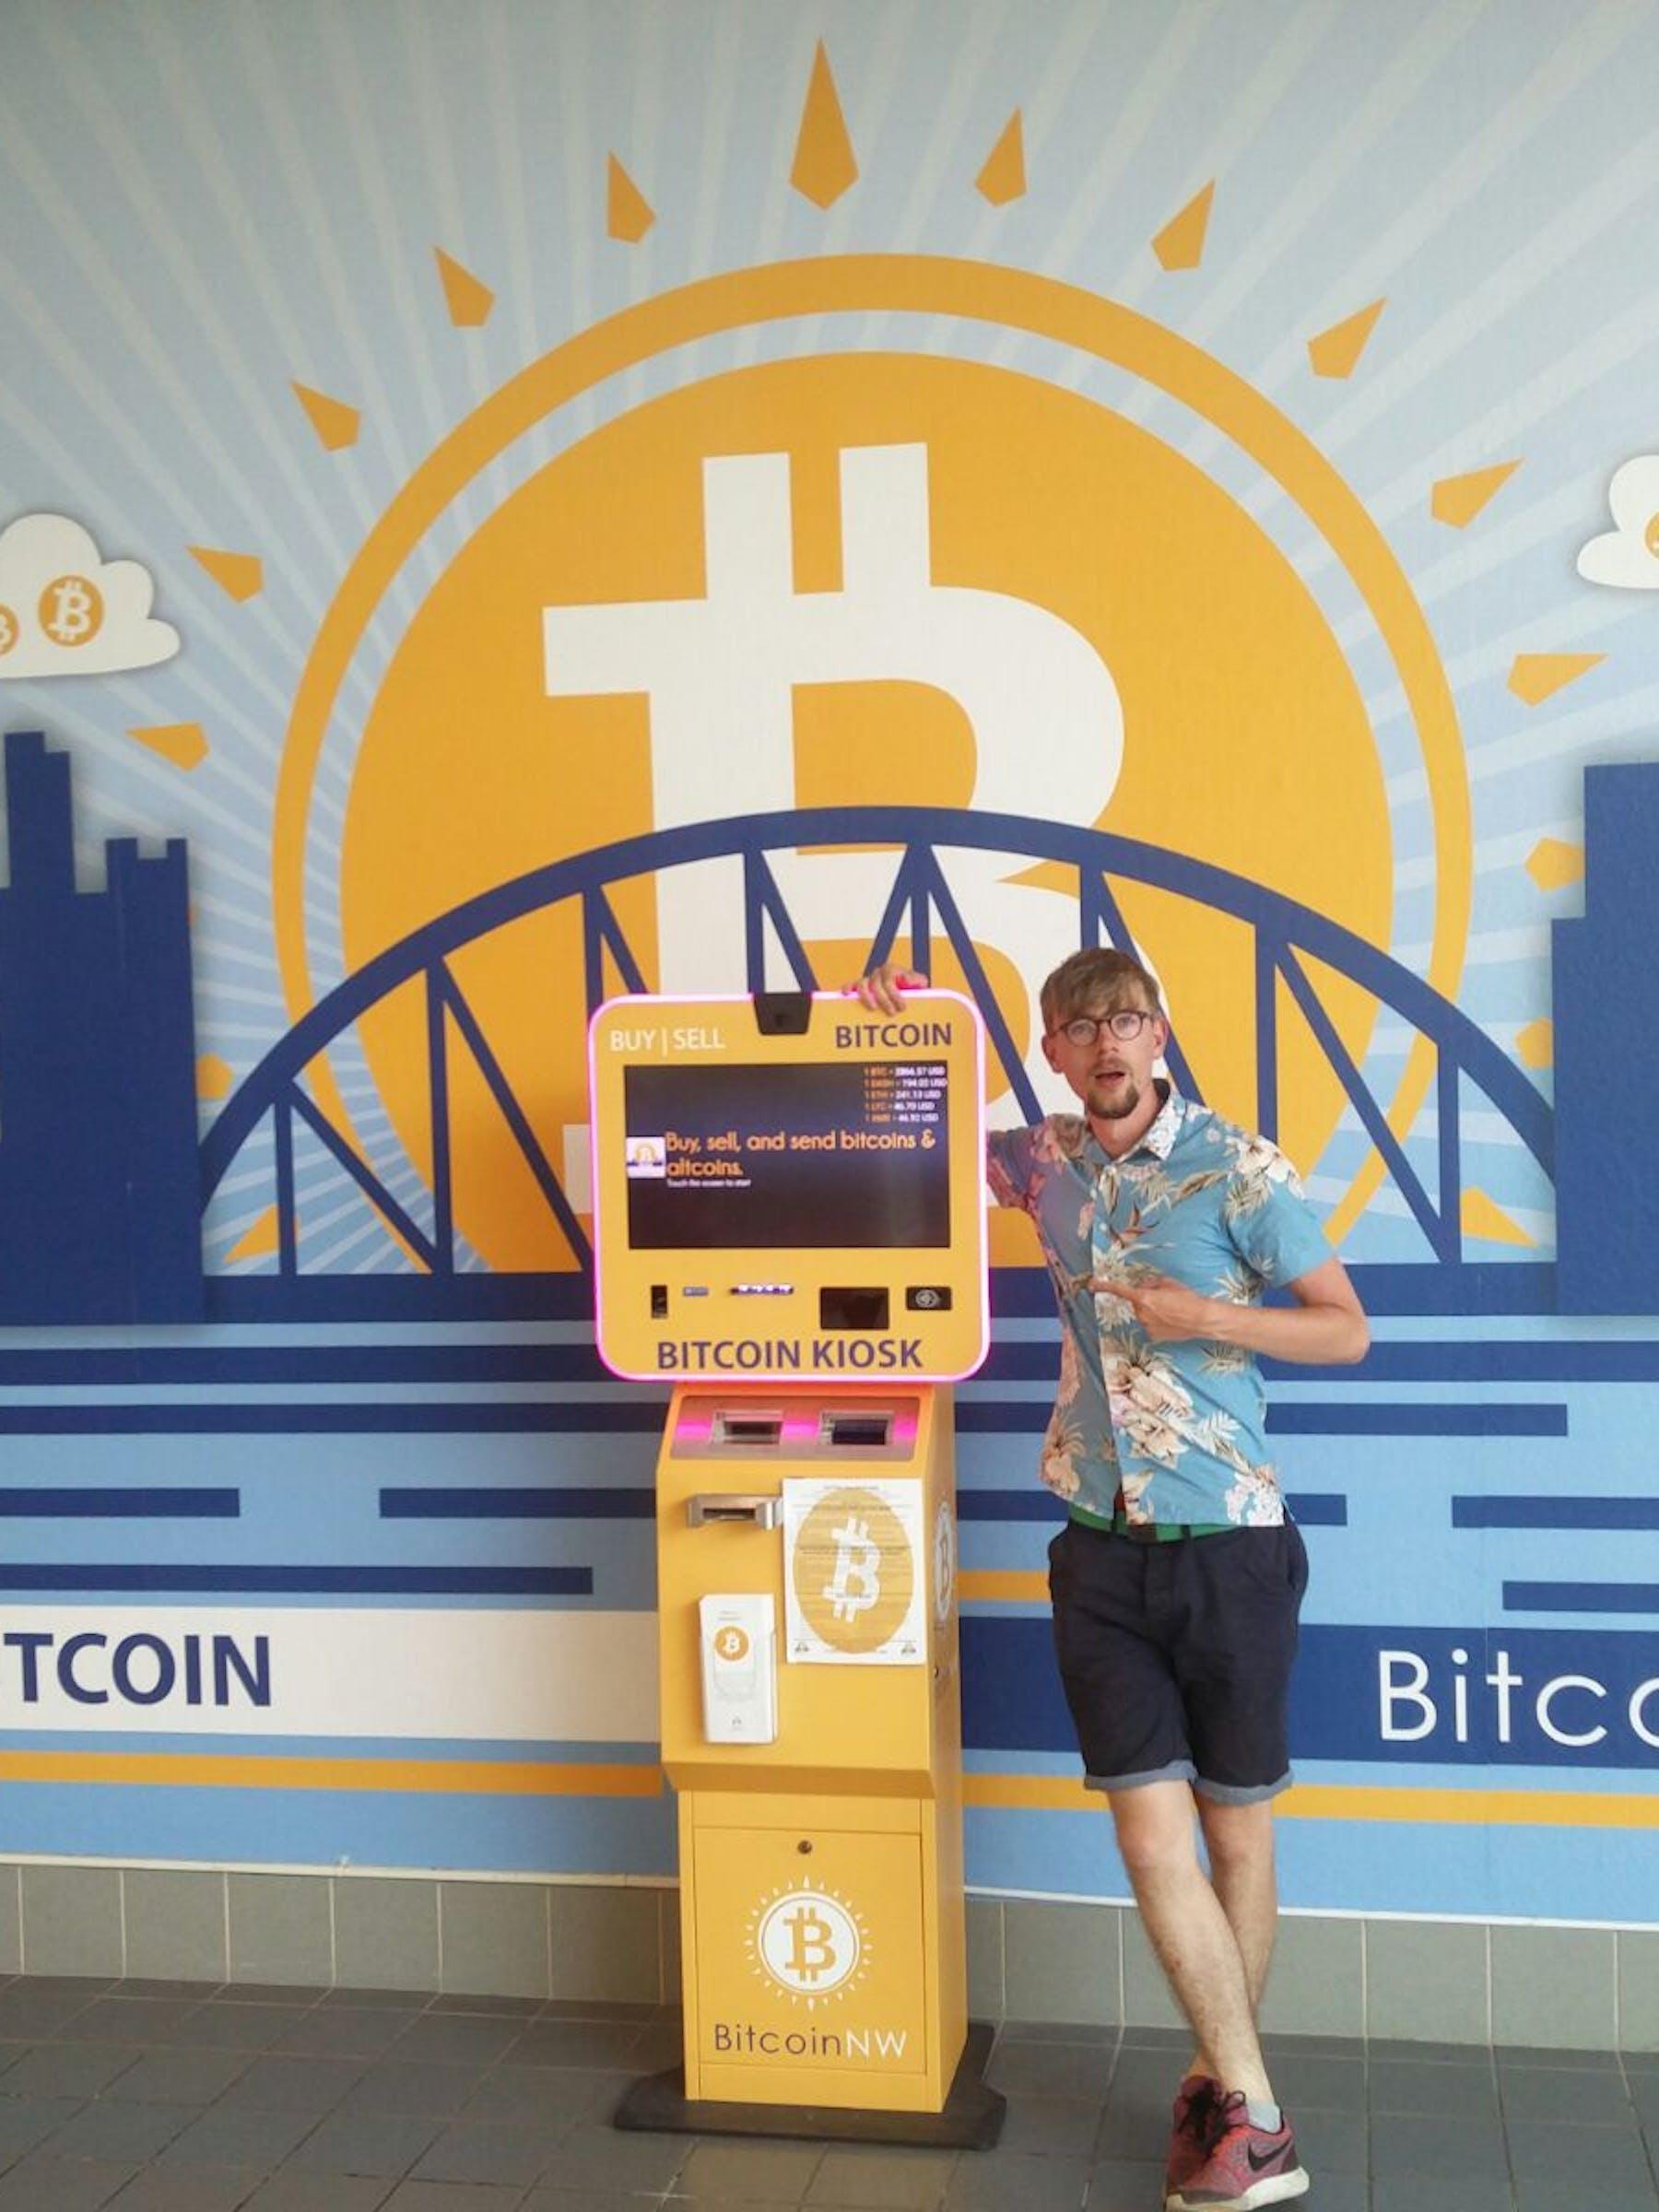 Thomas next to the Bitcoin ATM